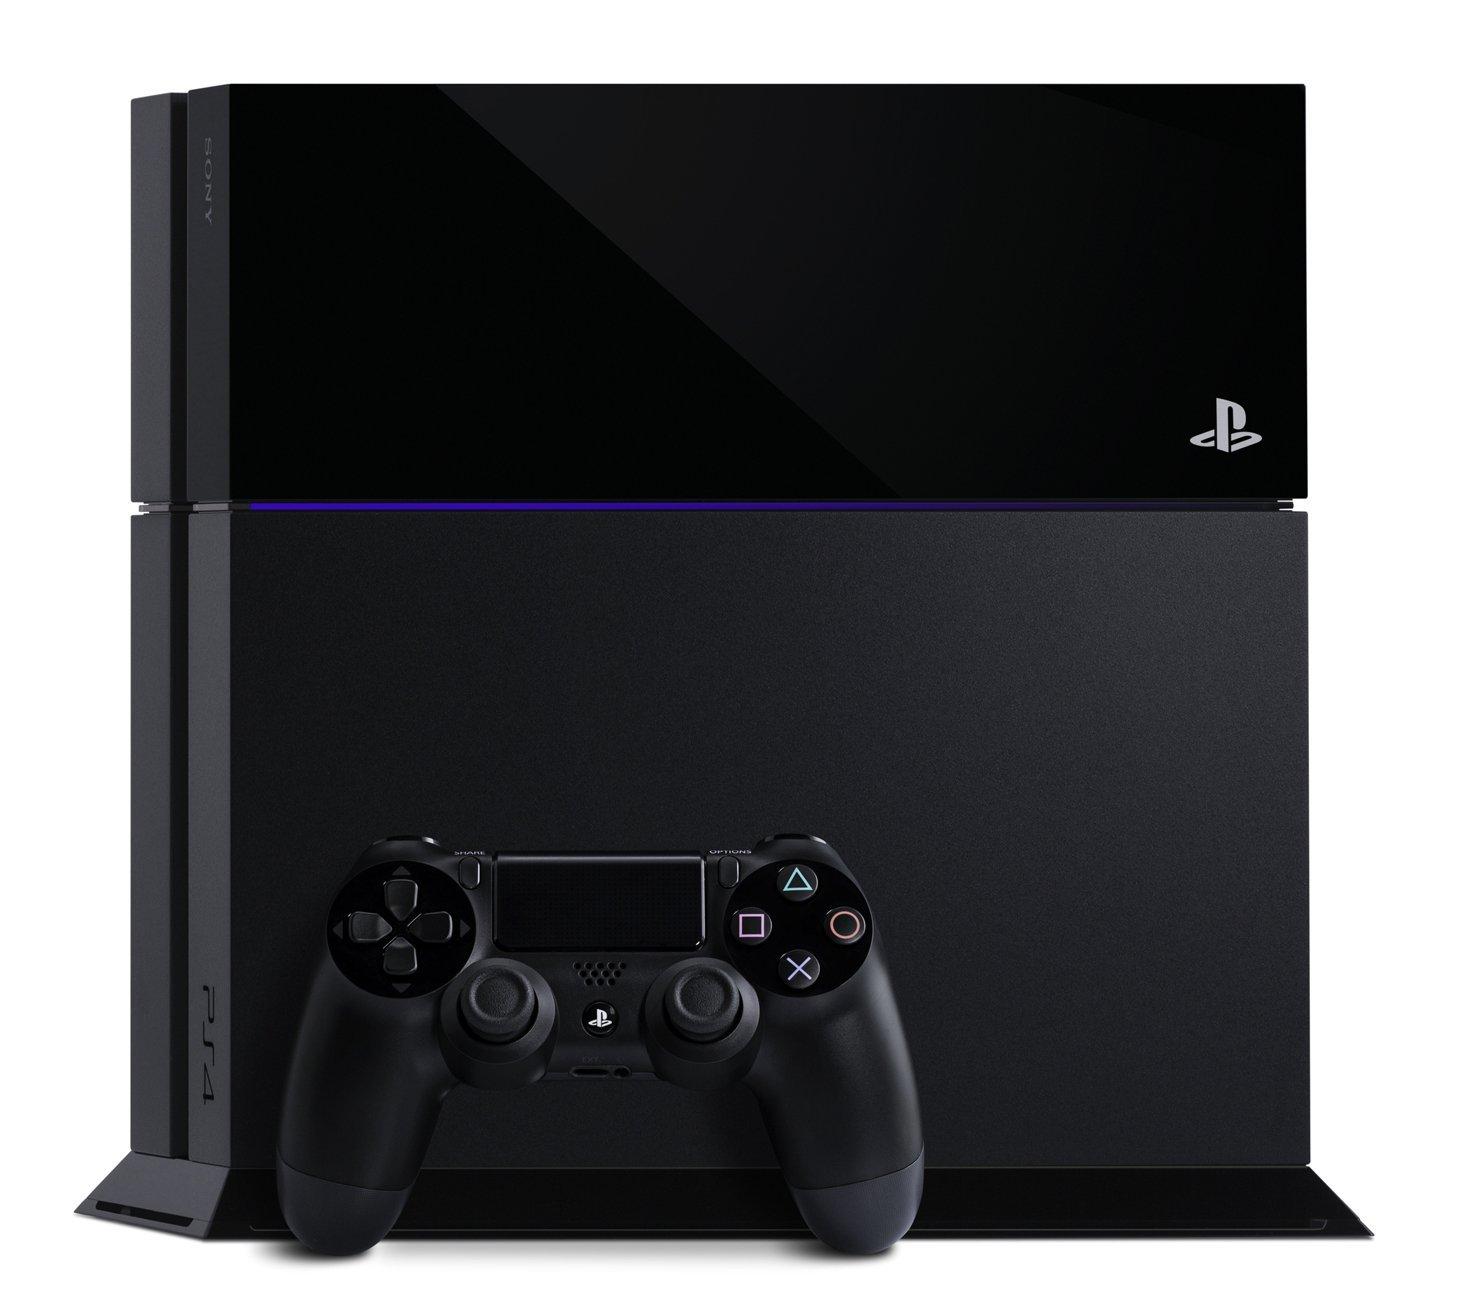 Sony playstation 4 1tb edition black